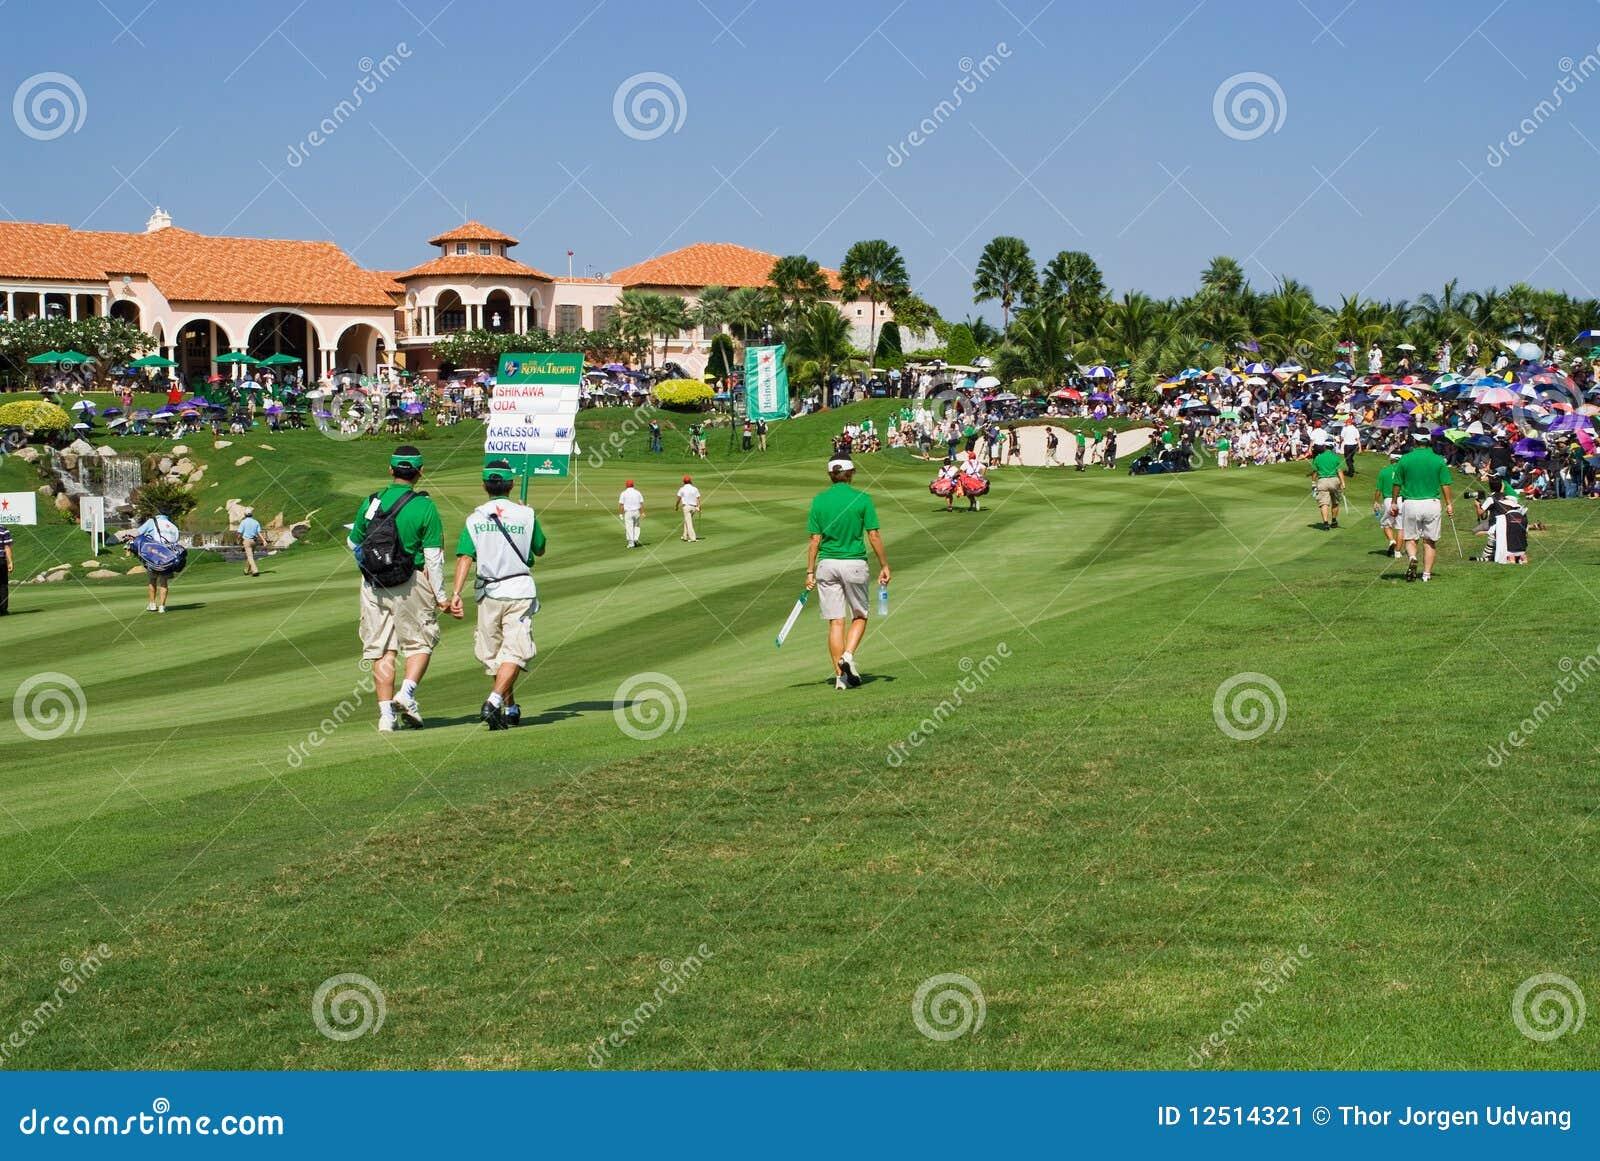 golf vs europe